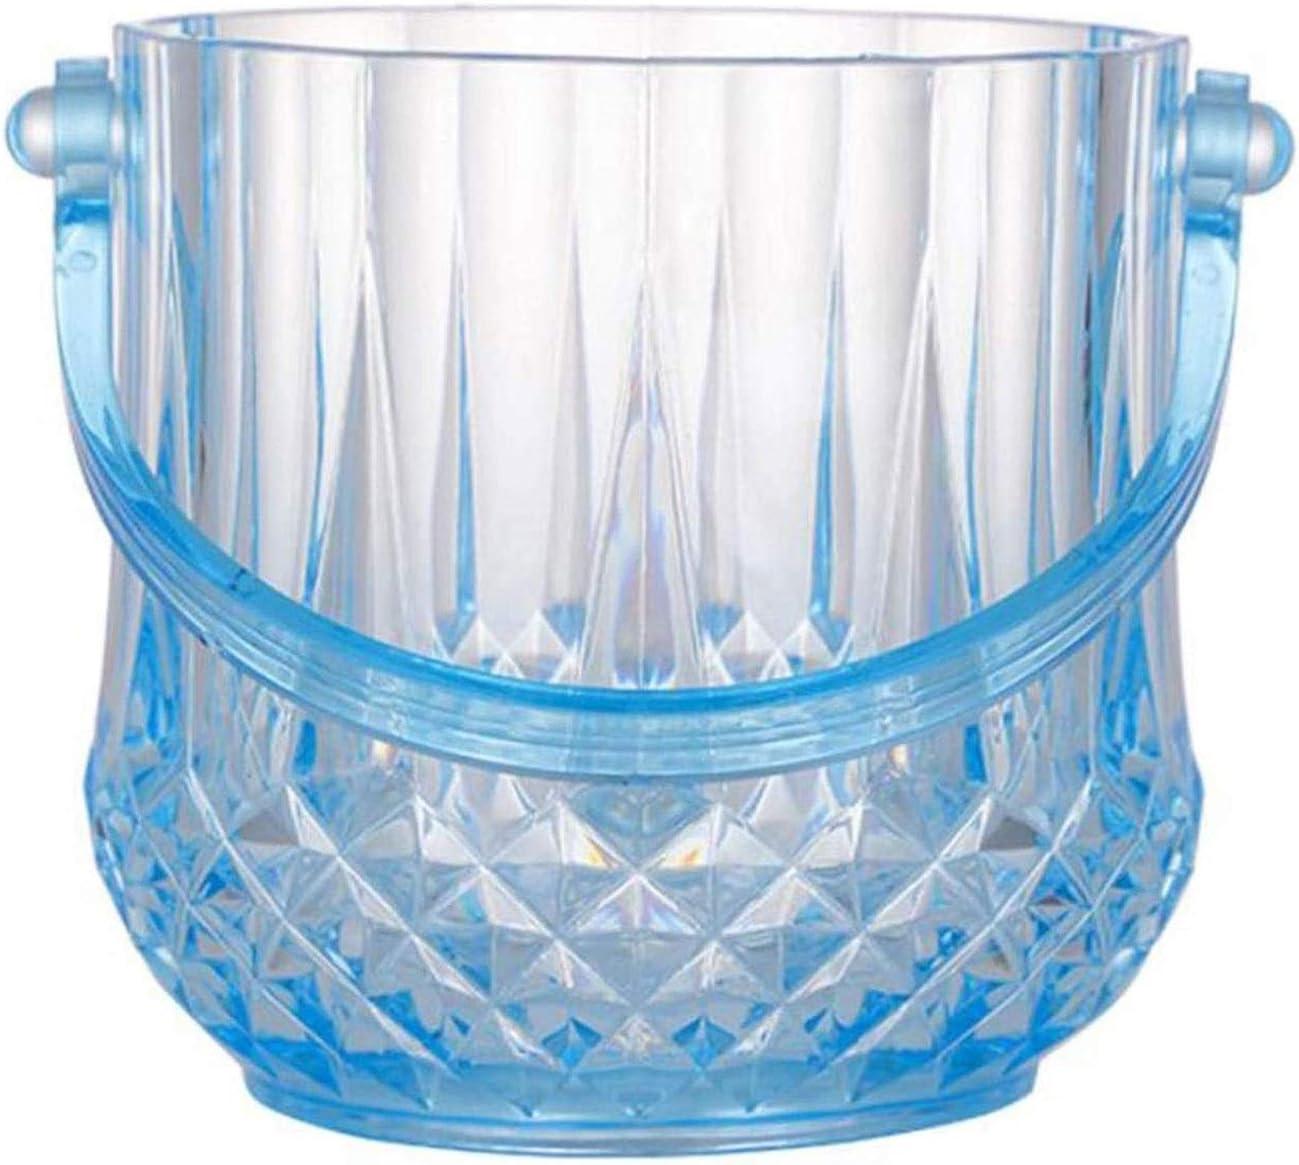 Cubiteras Ice Bucket para Interior y Exterior 1L Cubierta de hielo azul de plástico para el hogar con mango y pinzas de hielo, cubo de vino de champán, para bodas, suministros de patio de verano Cubo